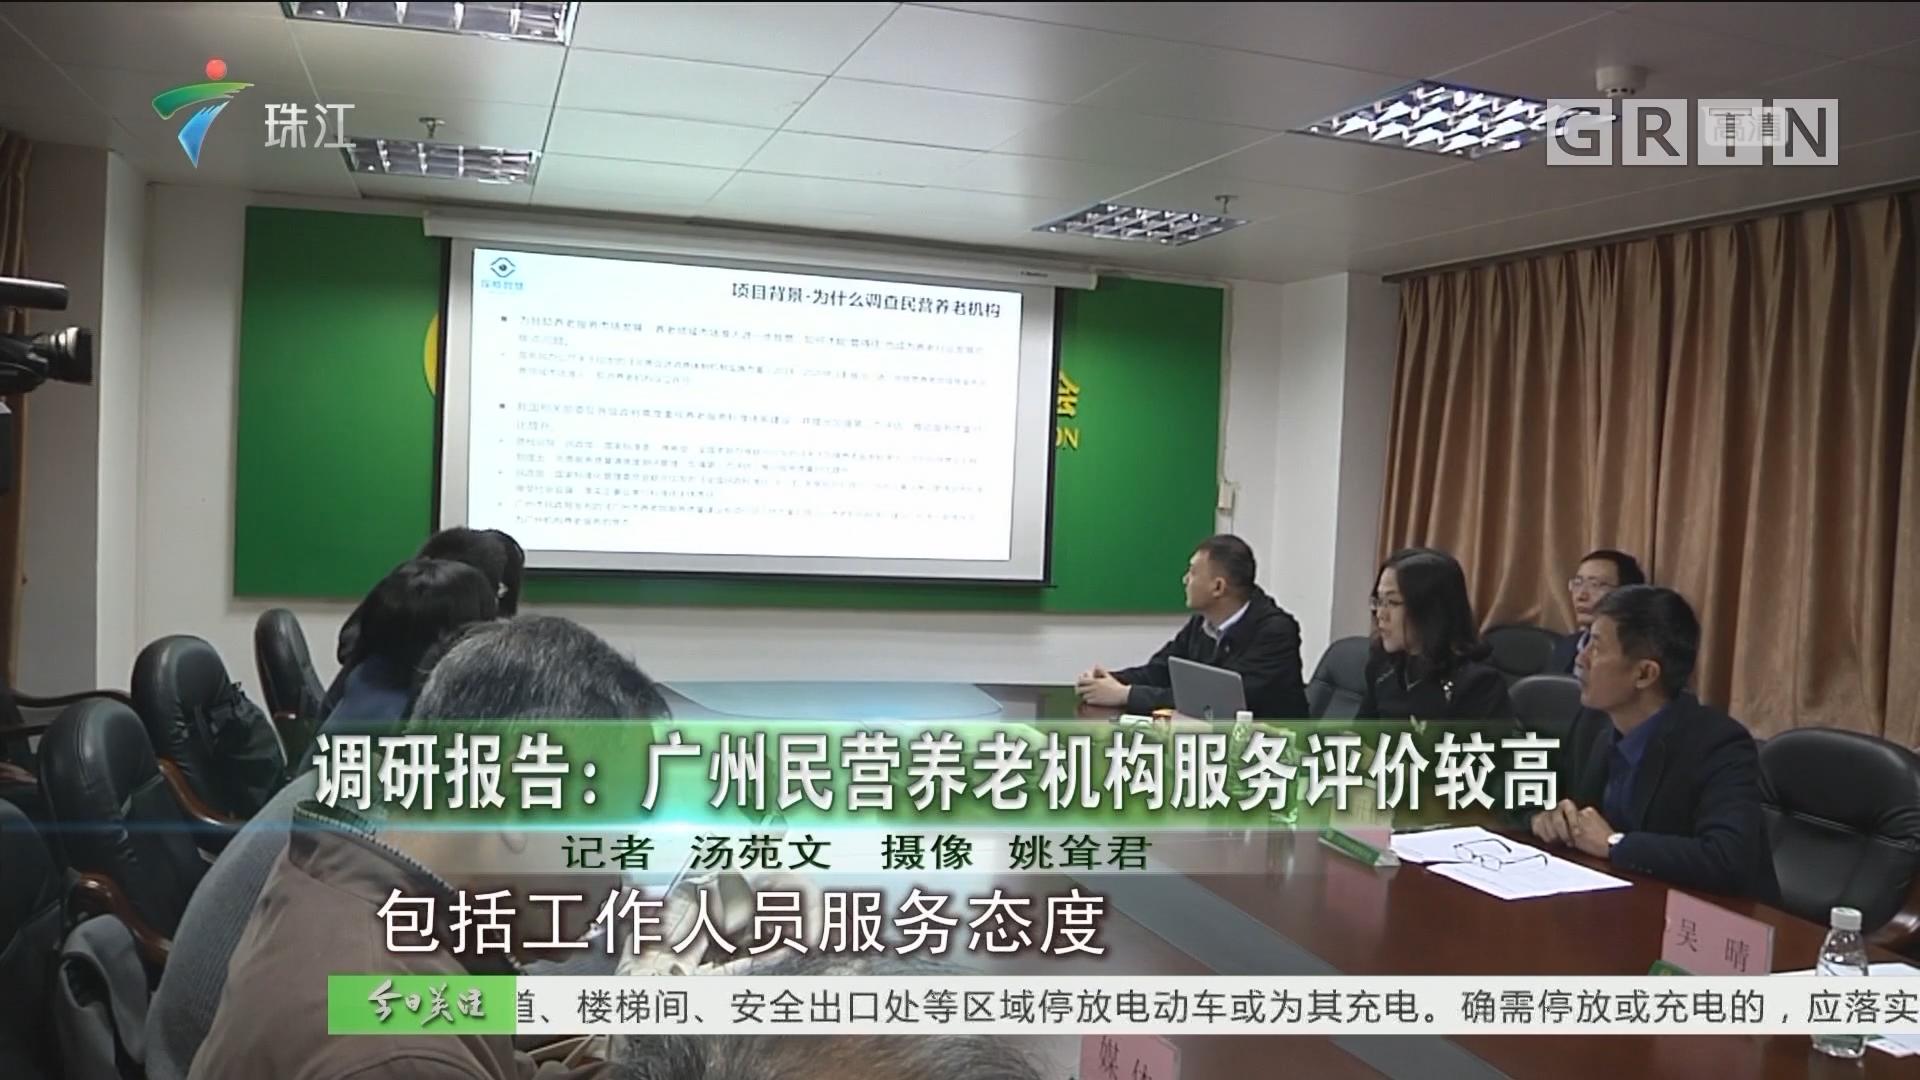 调研报告:广州民营养老机构服务评价较高